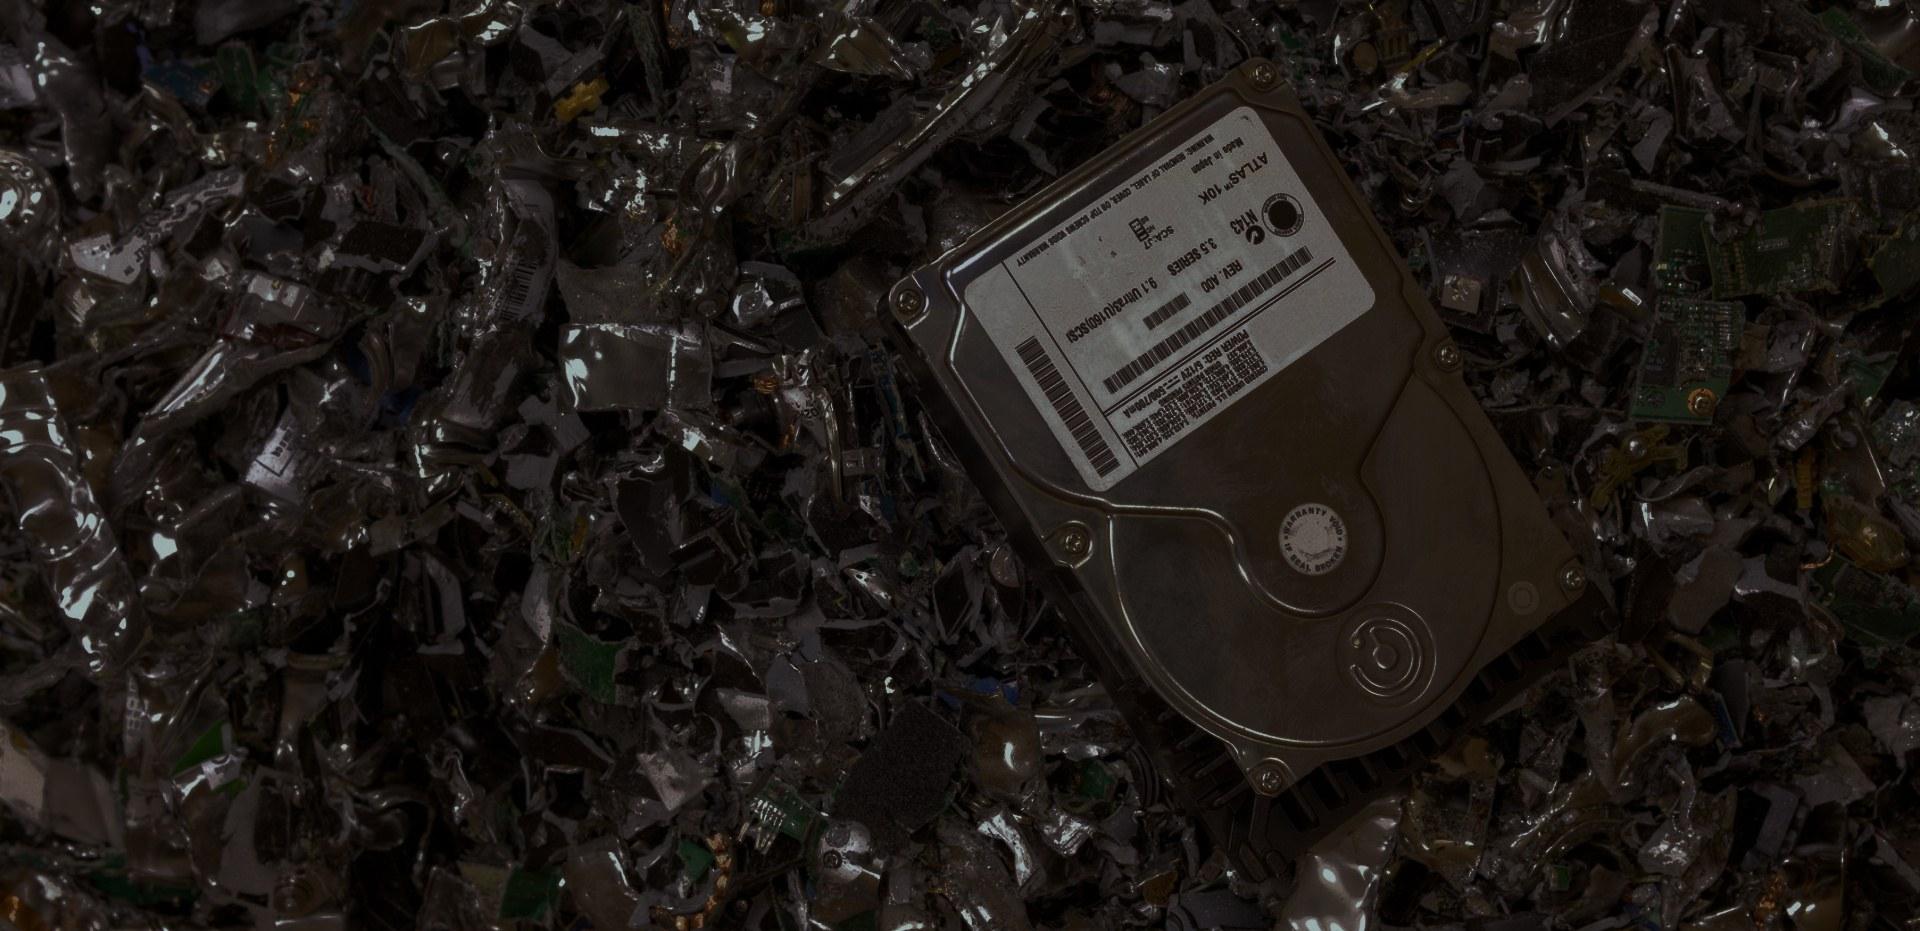 utylizacja sprzętu elektronicznego warszawa